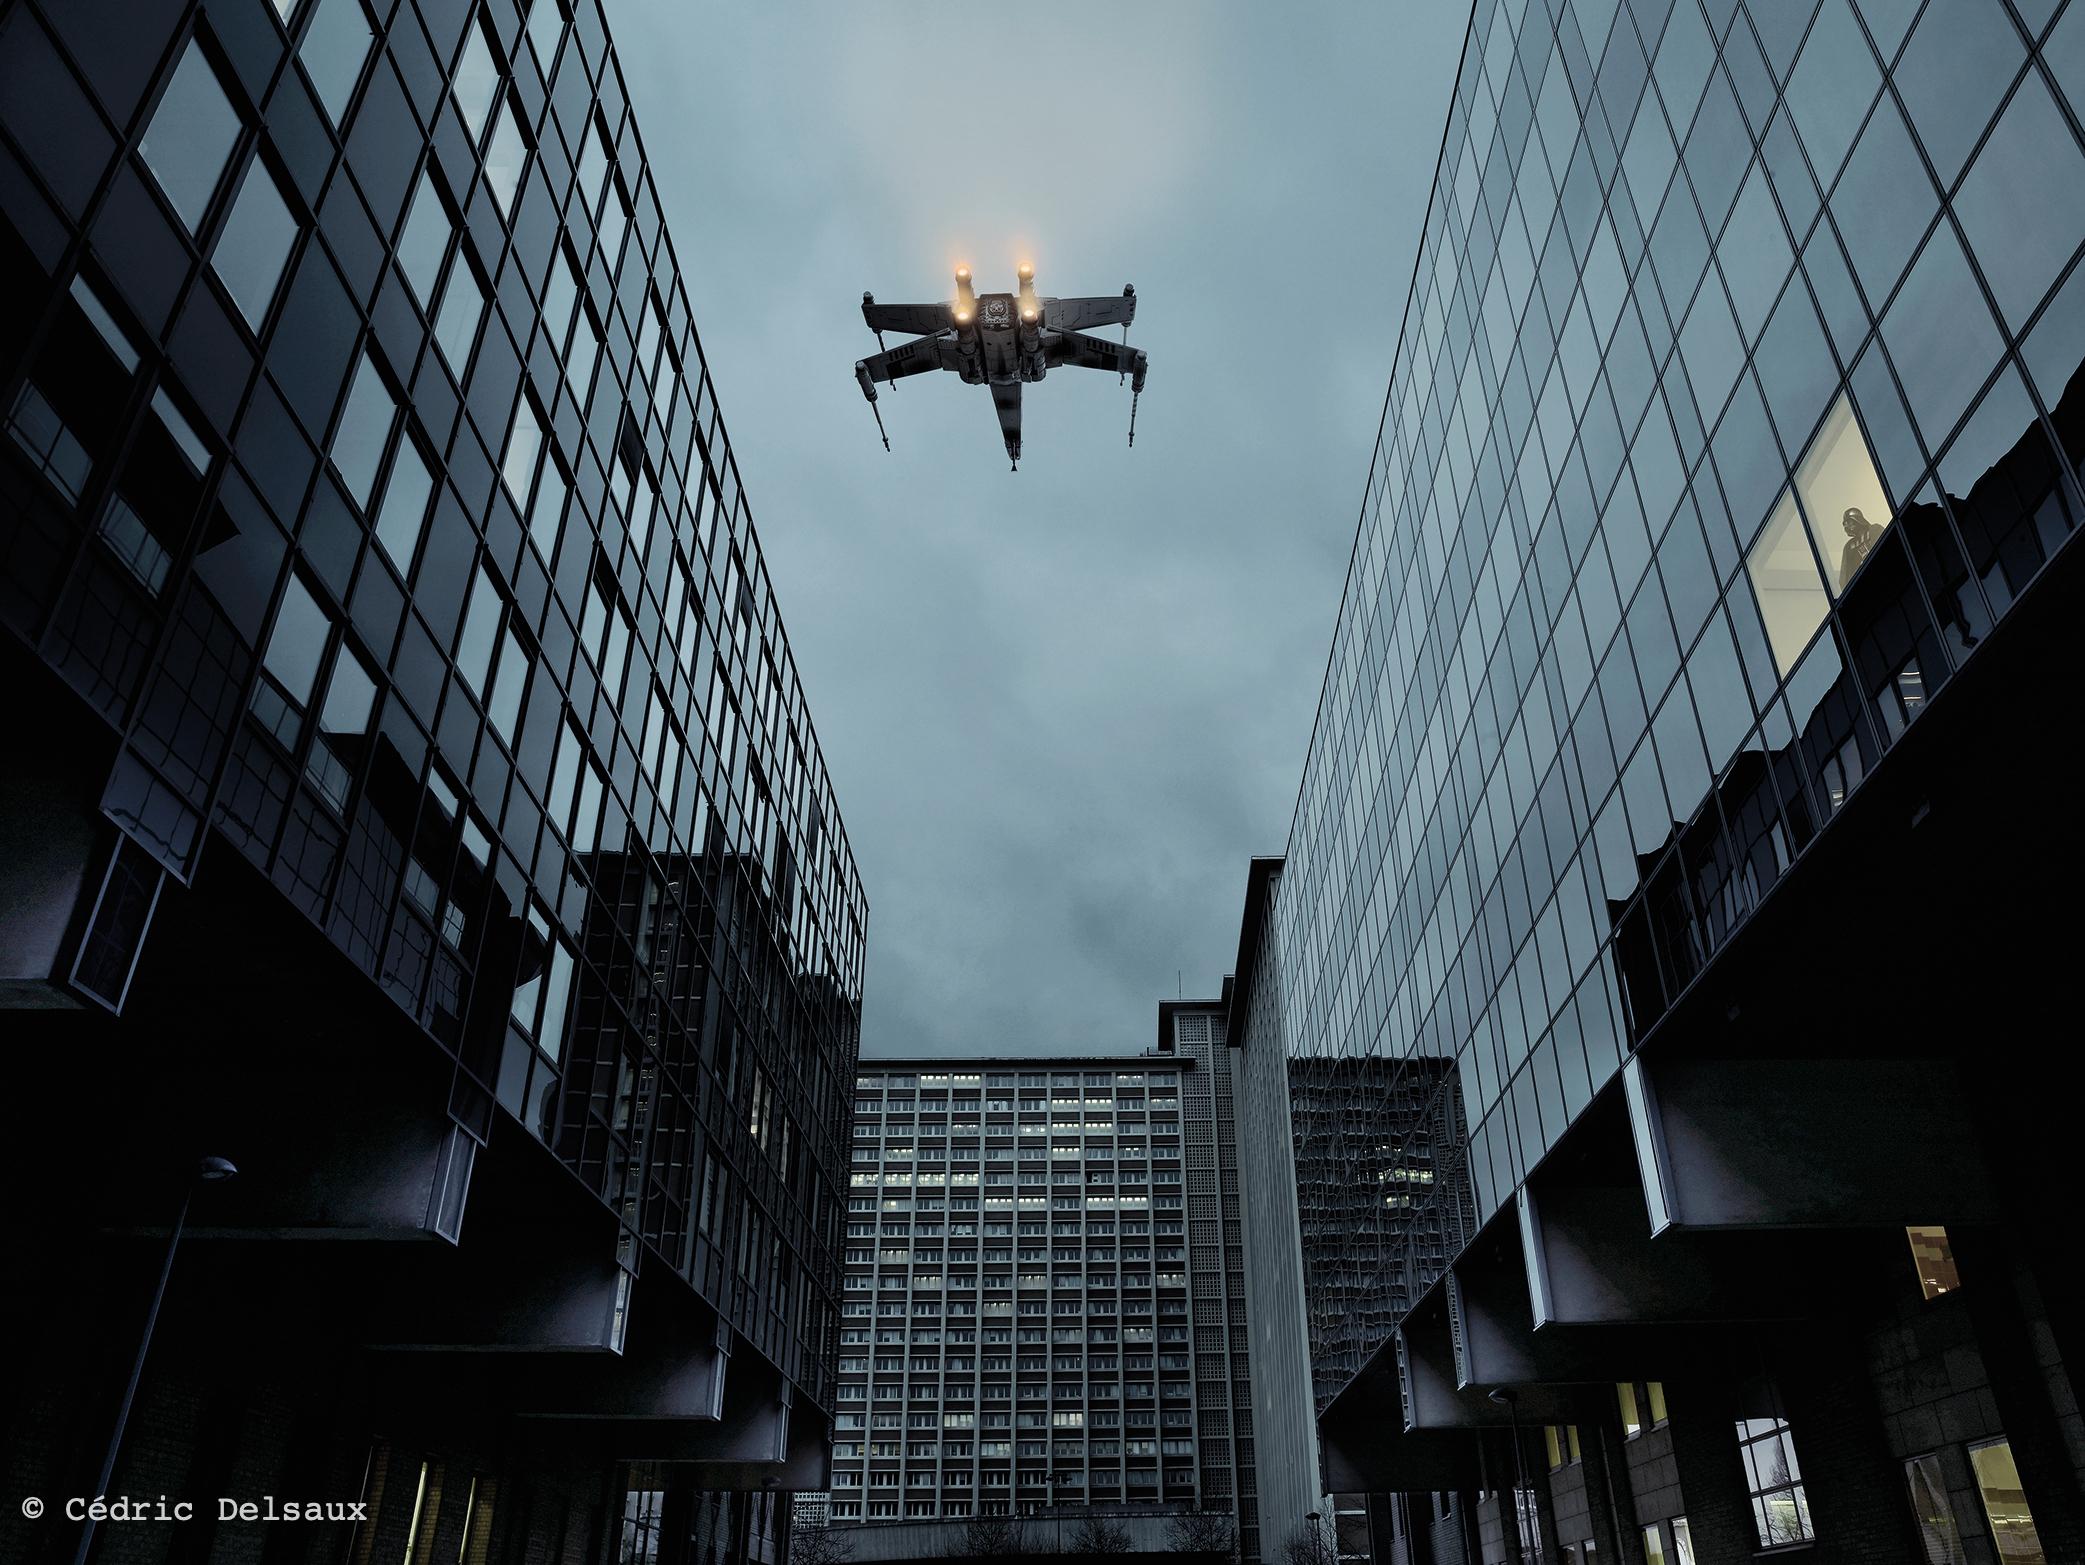 CedricDelsaux-X-Wing